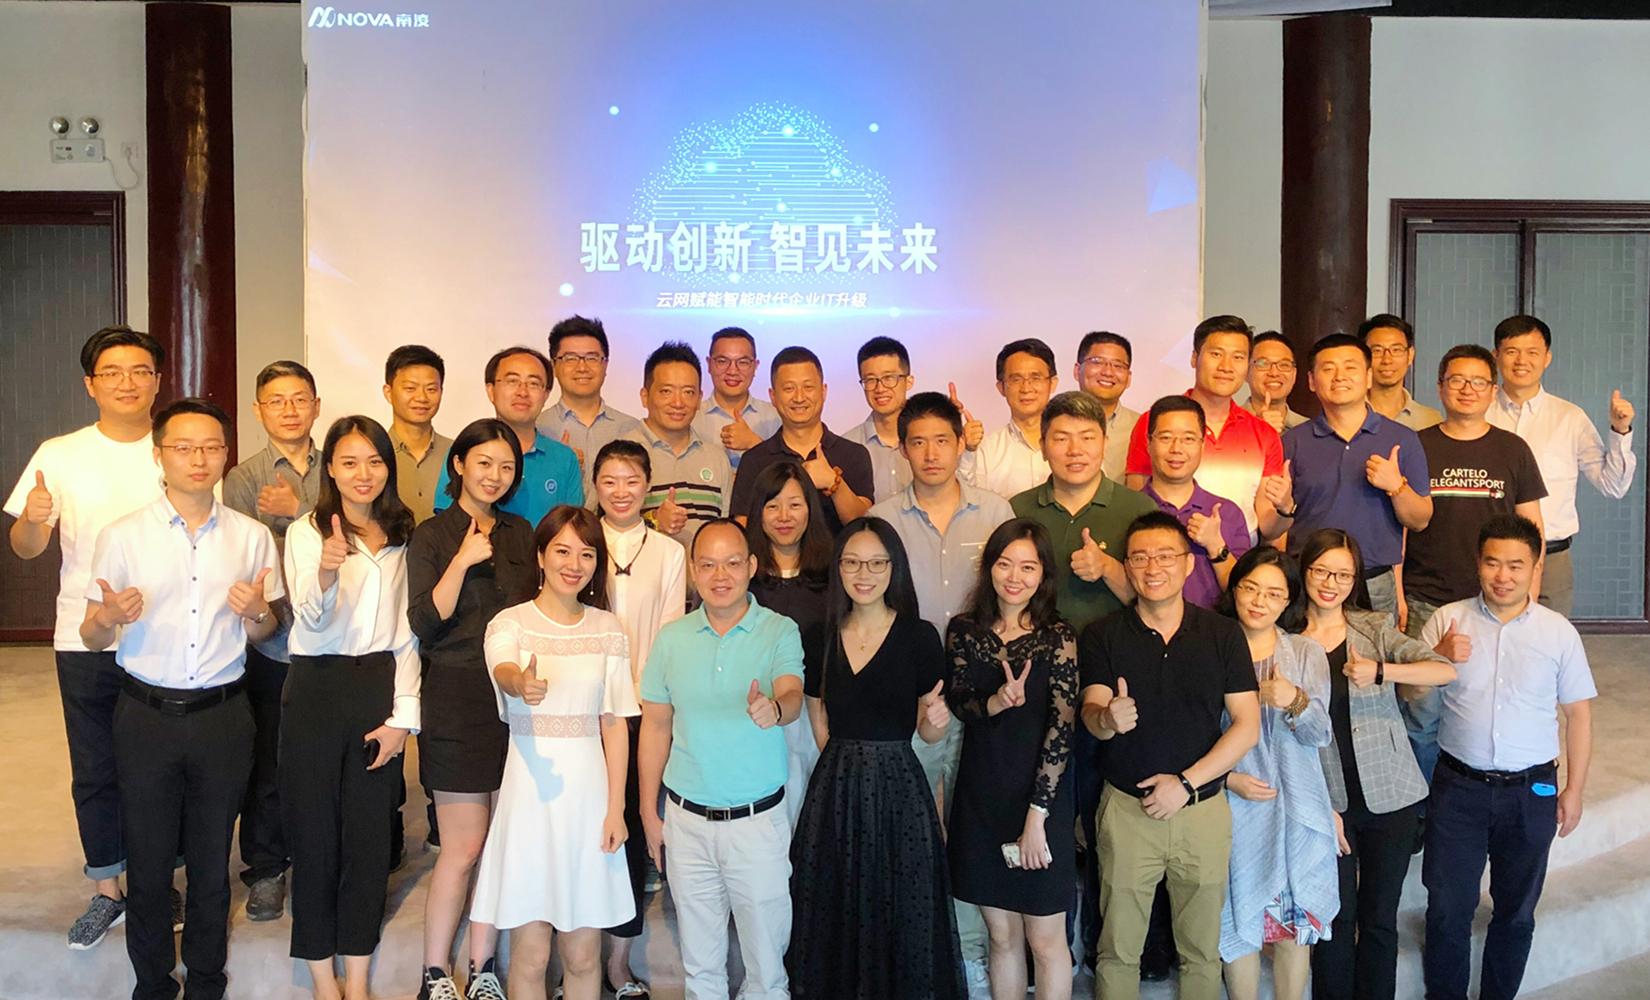 共话数字化转型,南凌科技华东客户活动成功举办